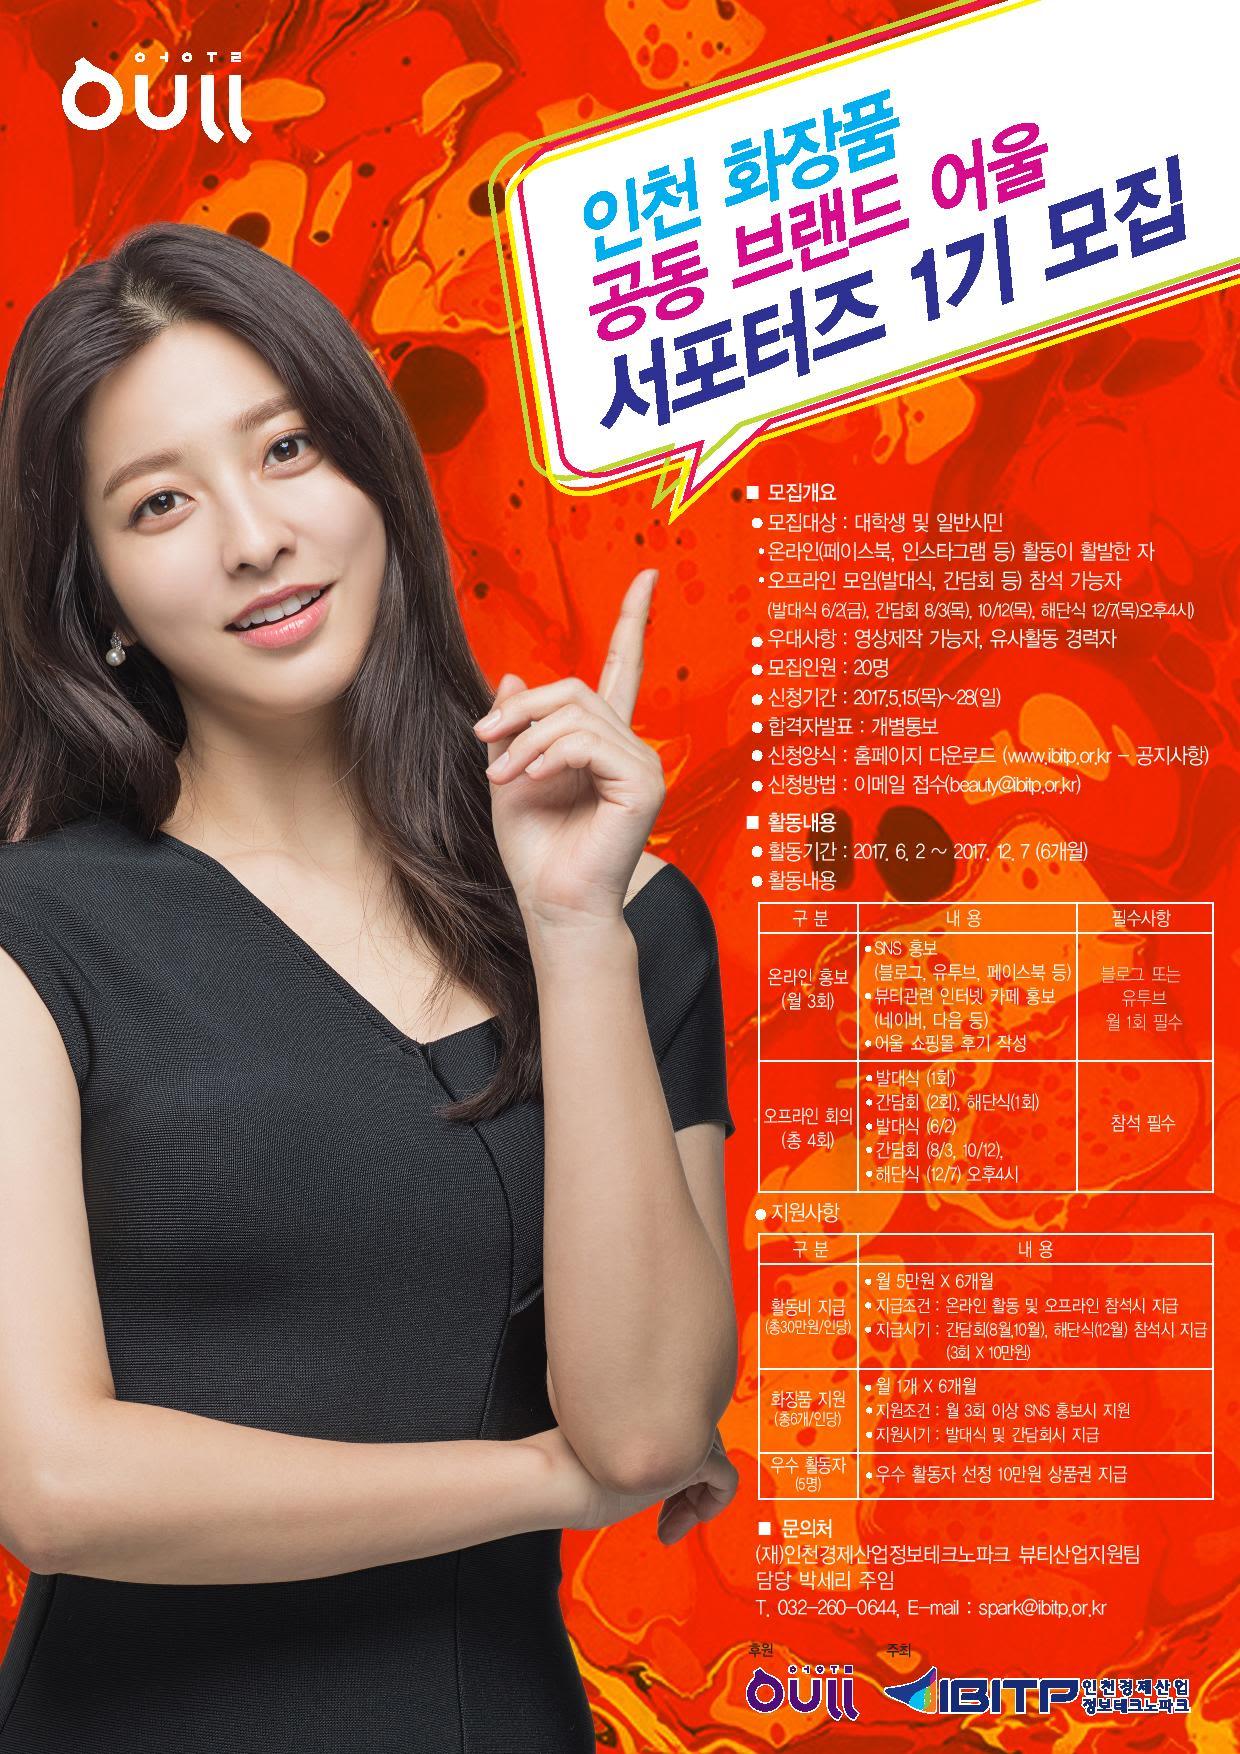 인천화장품 공동브랜드 어울 서포터즈 1기 모집